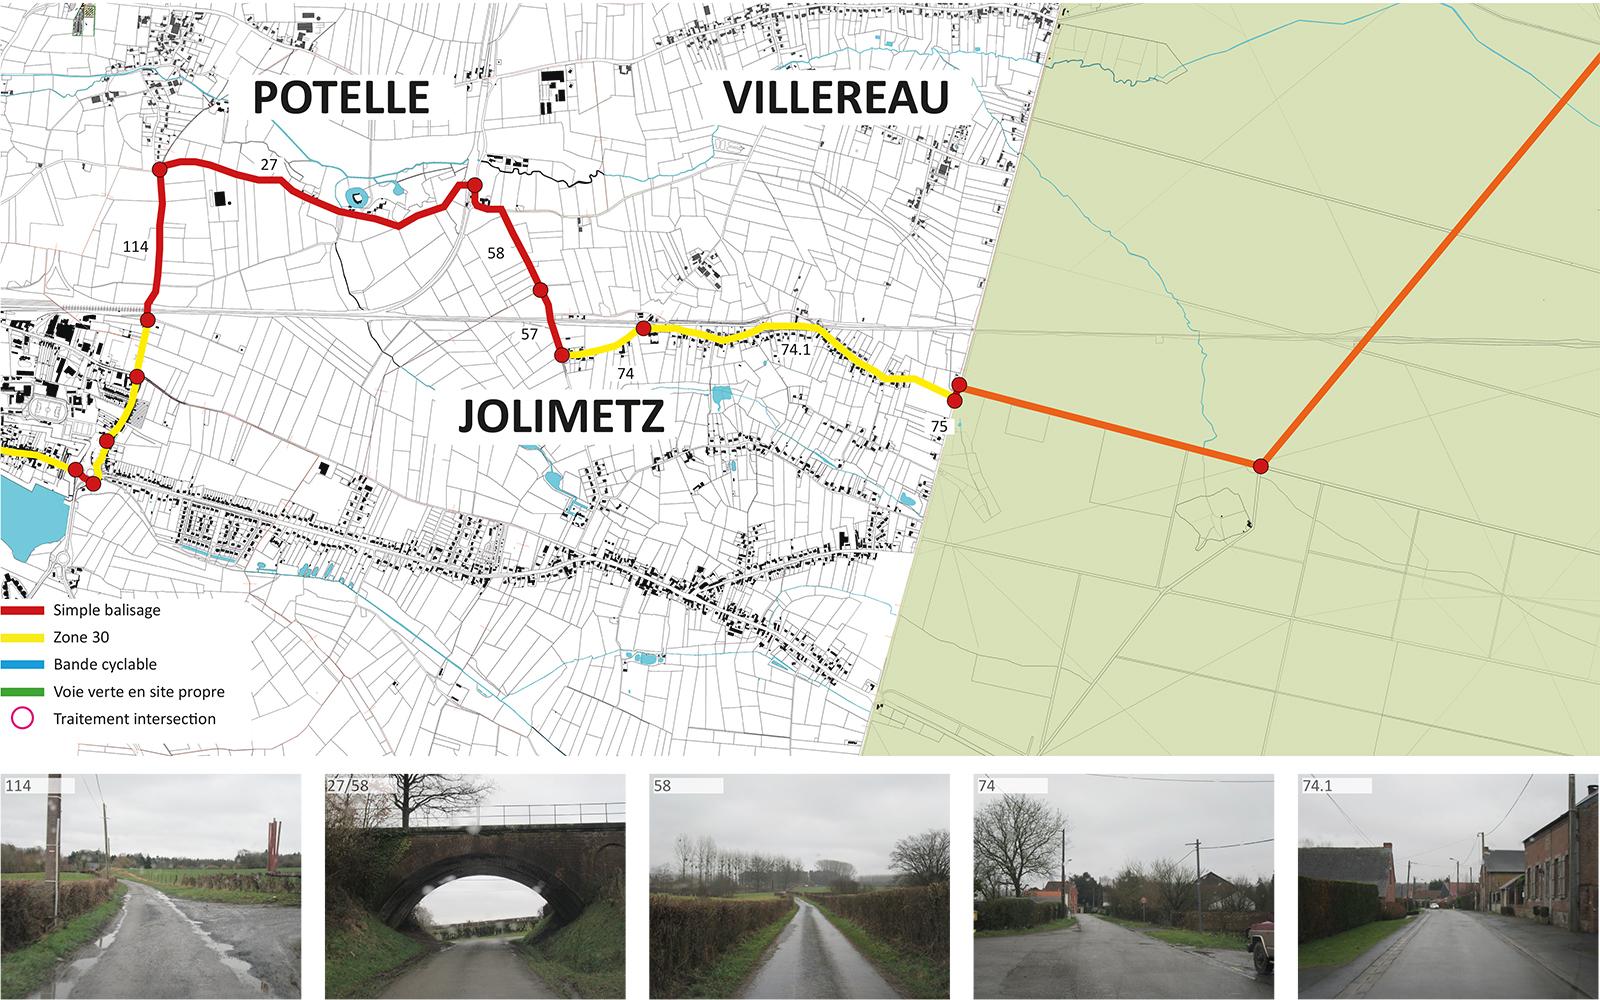 trace-veloroute-31-de-mormal-3